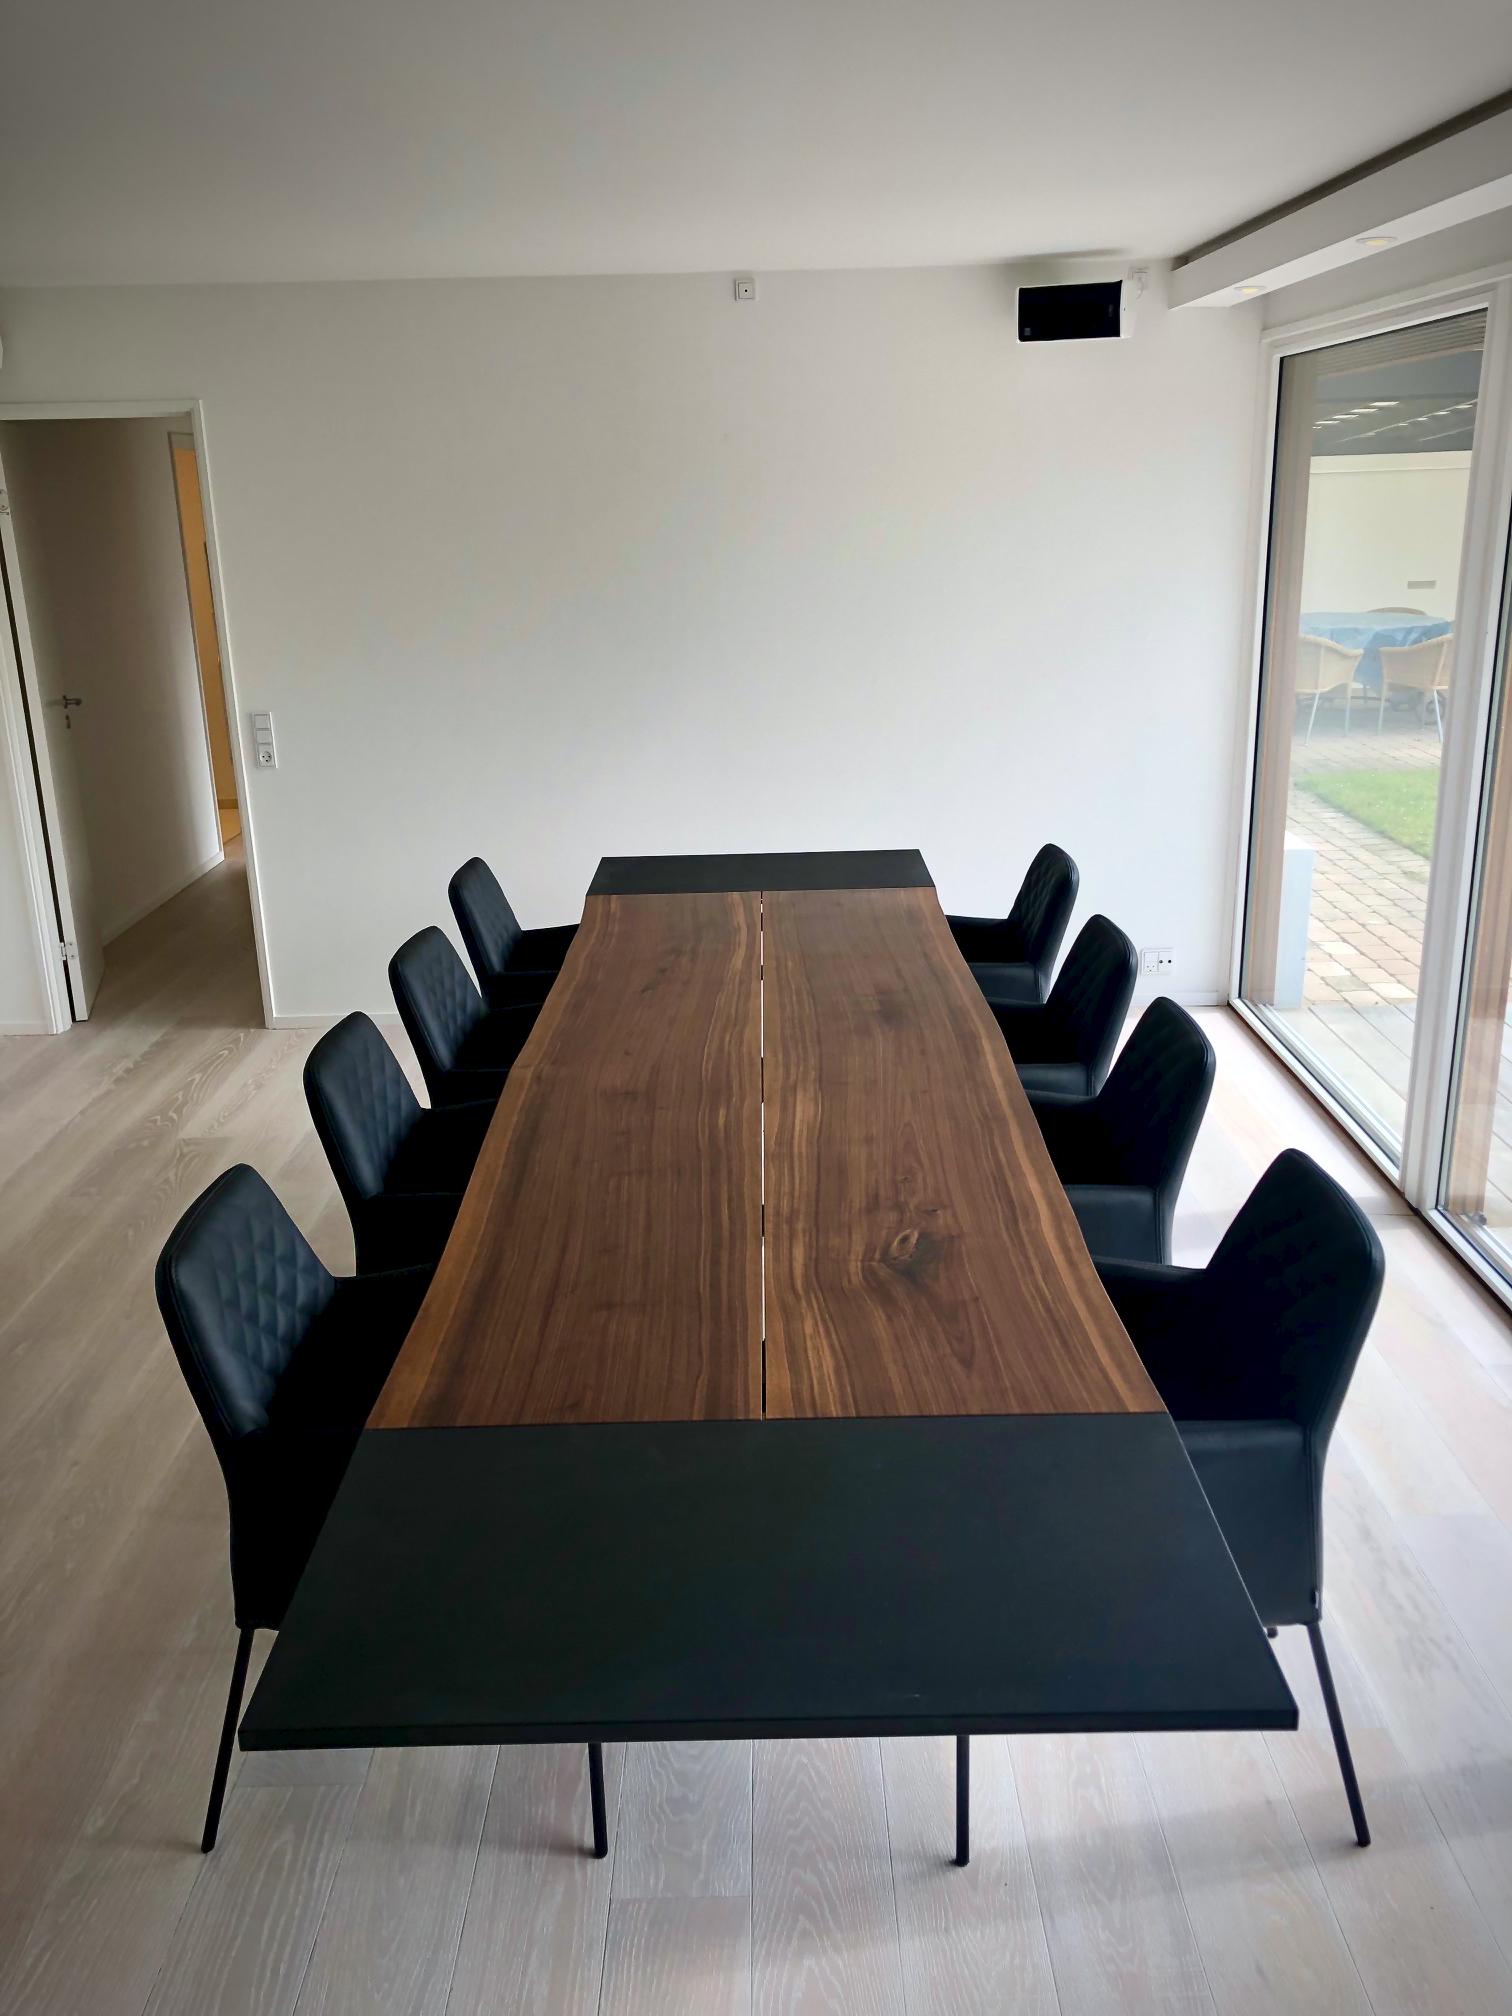 Kaerbygaard 2021 plankebord tulsa spisebordsstole